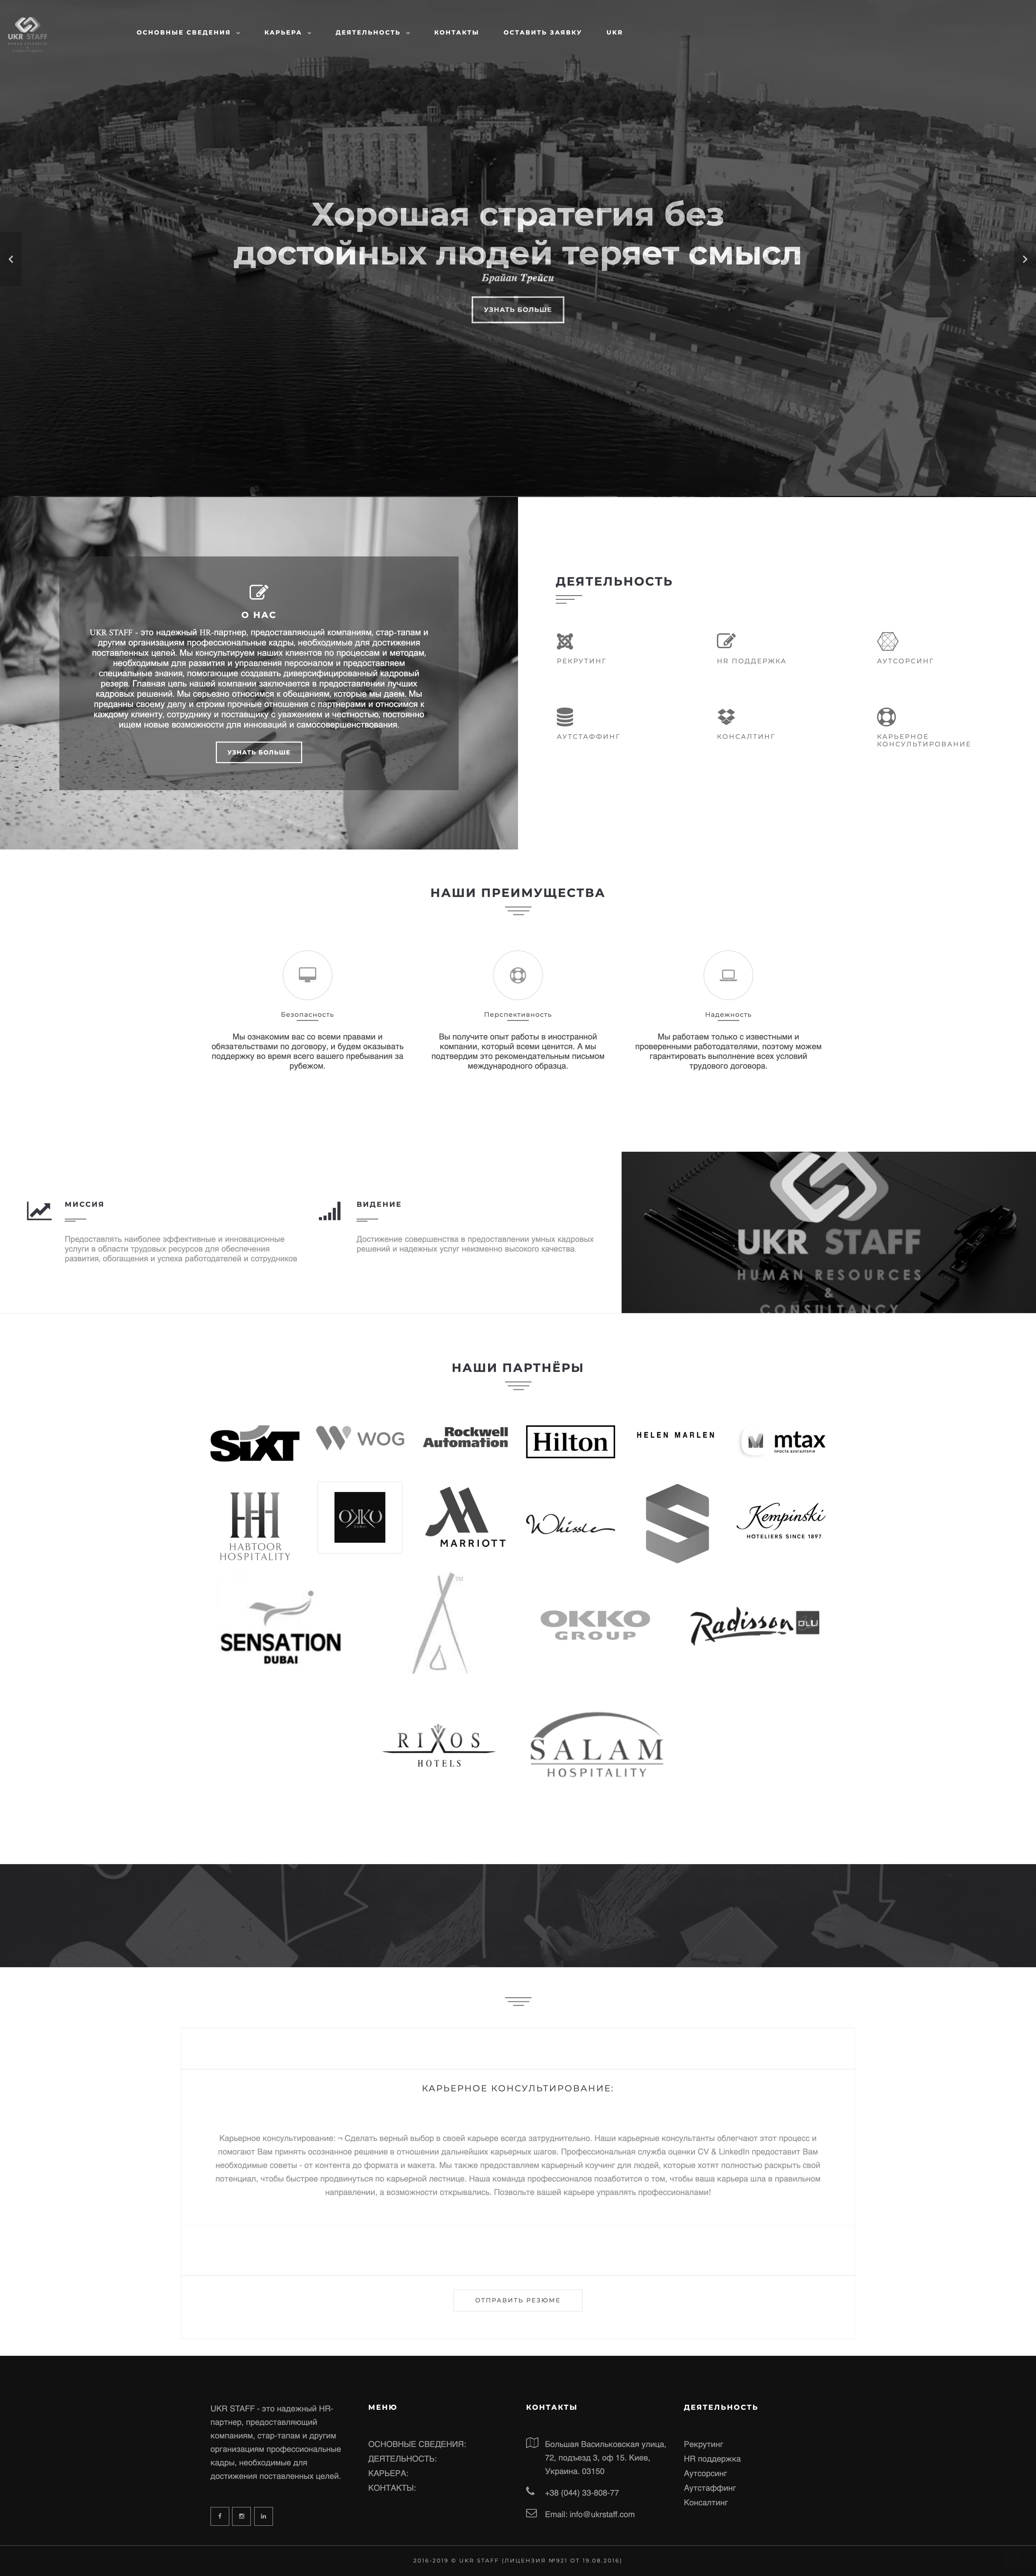 Фото Создание Корпоративного сайта: Рекрутинговое агентство  Сроки: 14 дня Стоимость: 12000 грн.